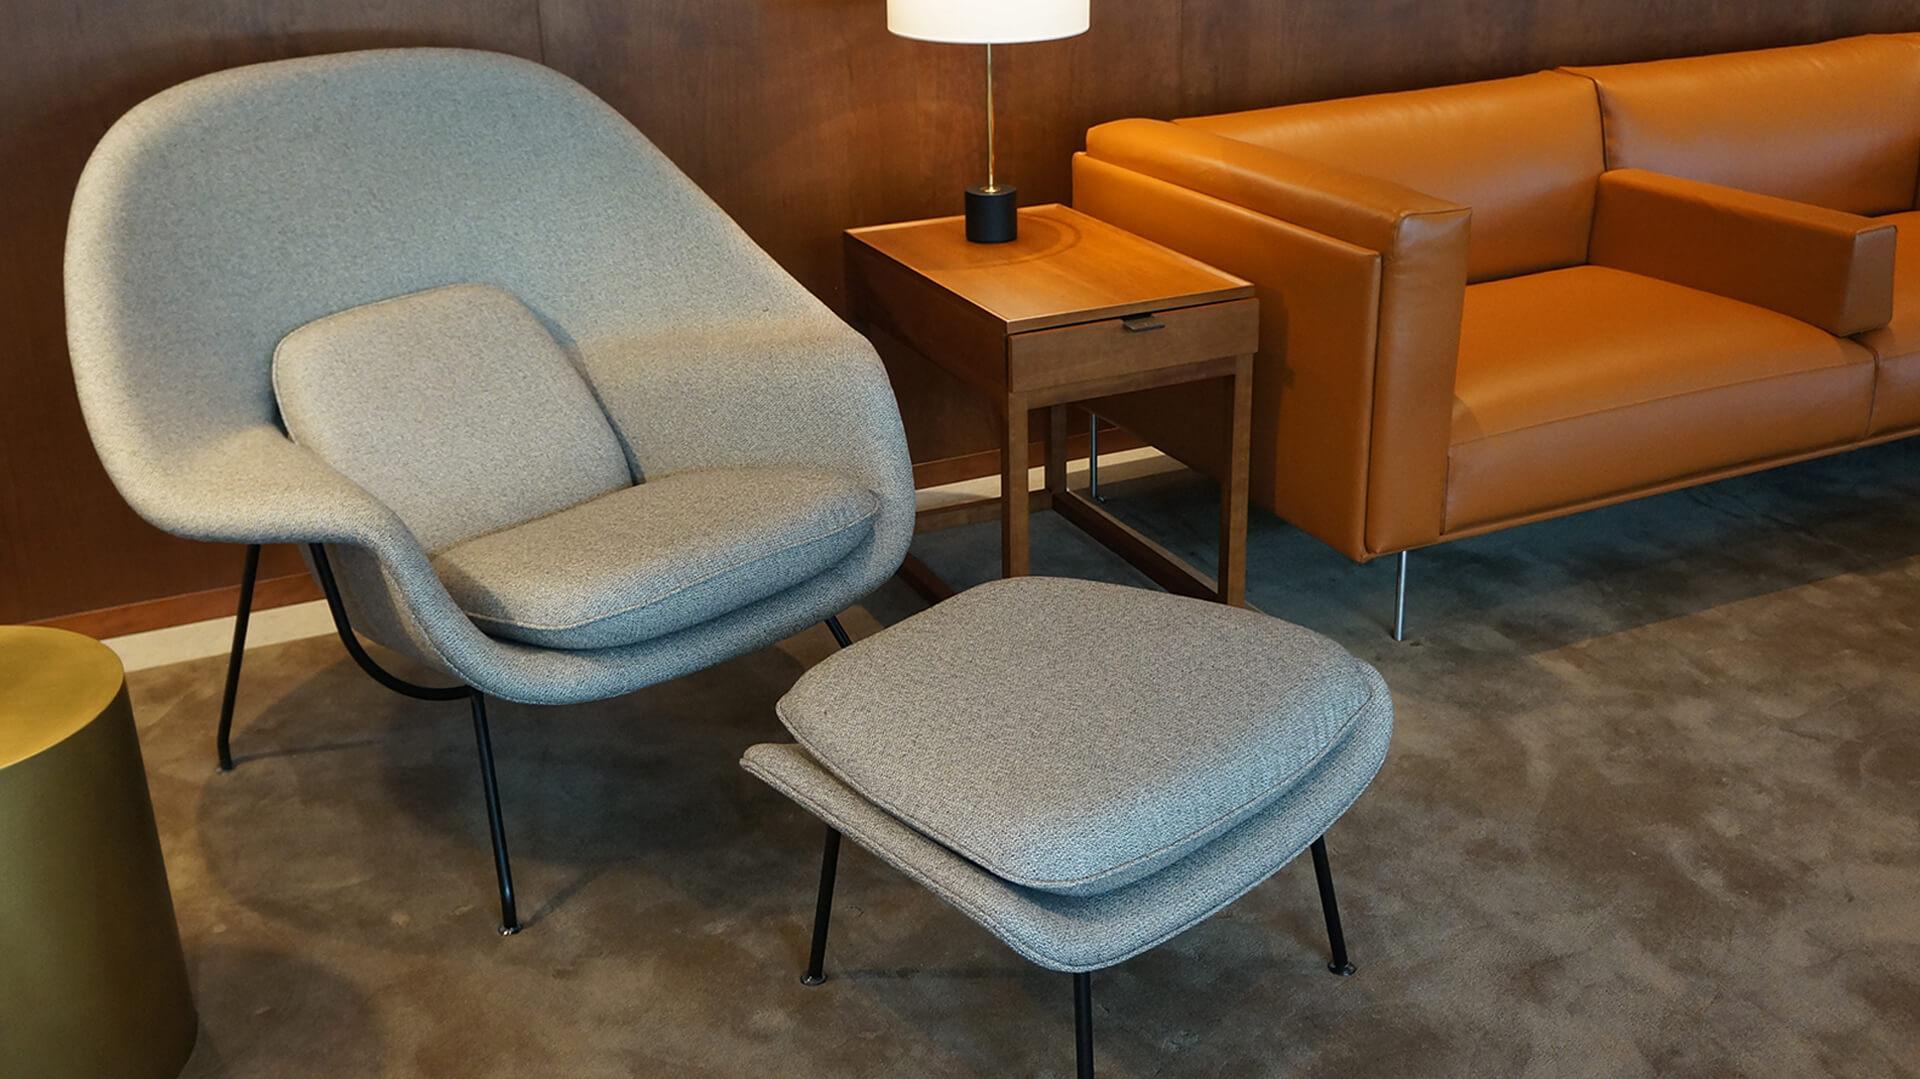 坐在芬蘭設計師Eero Saarinen設計的子宮椅,感覺好似整個人都被包覆。